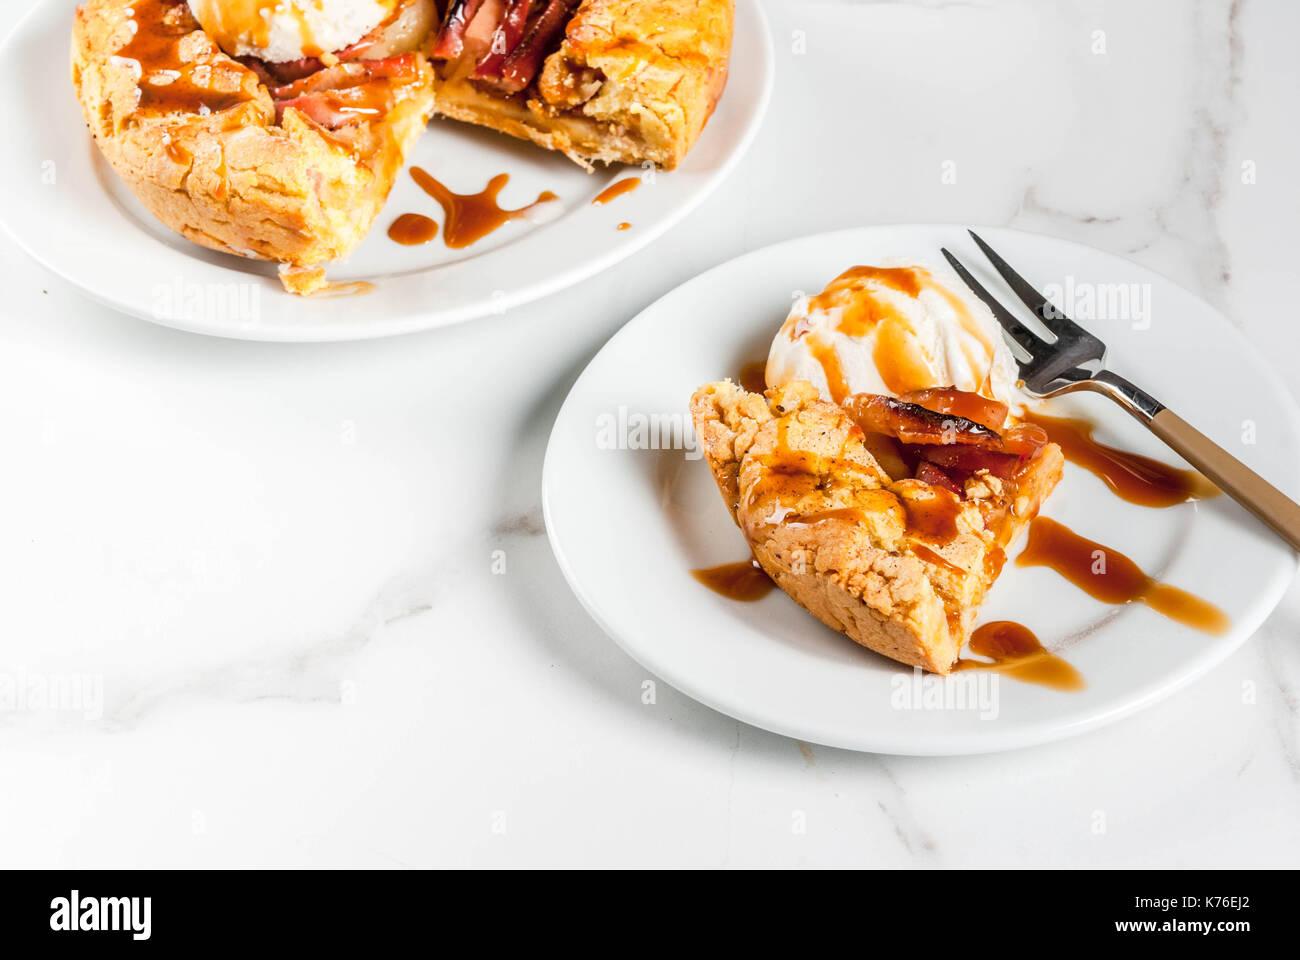 Traditionelle herbst Backen, Rezepte für Thanksgiving, hausgemachtem Vollkorn galette Apple Pie mit Bio Apfel und Zimt, weißem Marmor Tabelle, kopieren Stockbild